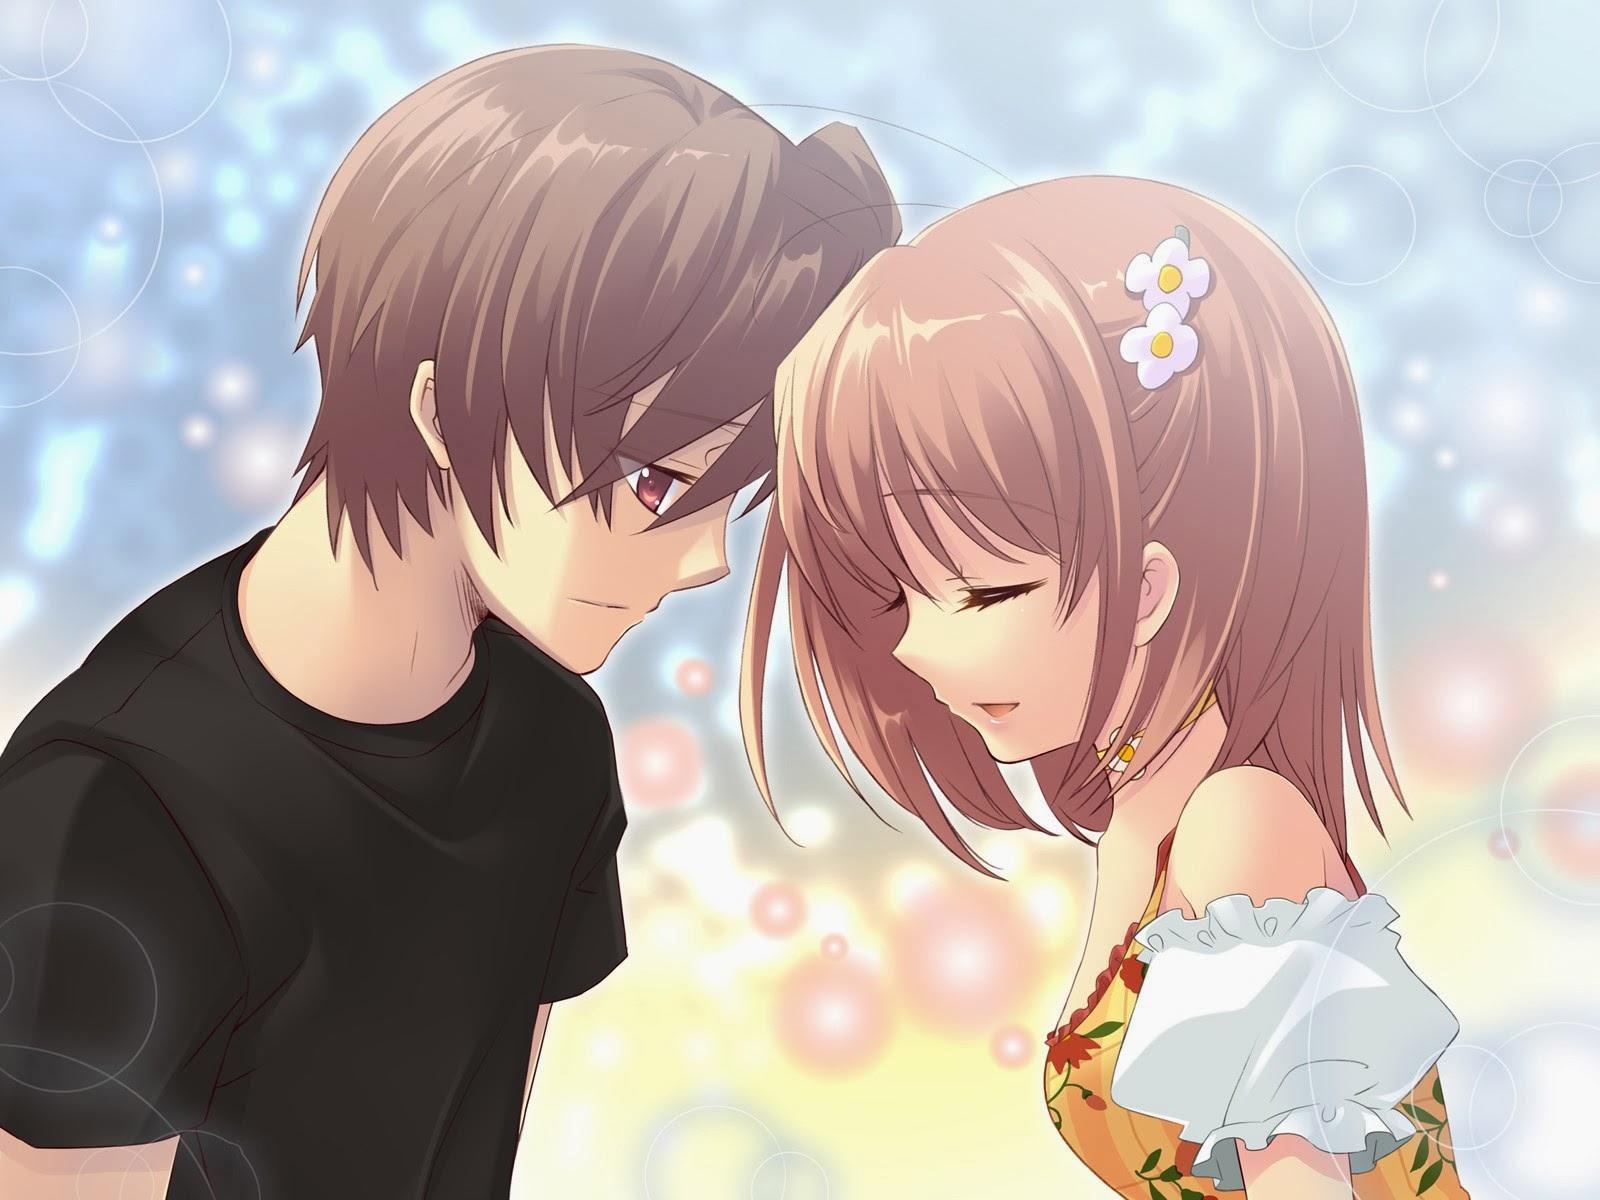 Ảnh hoạt hình cặp đôi dễ thương